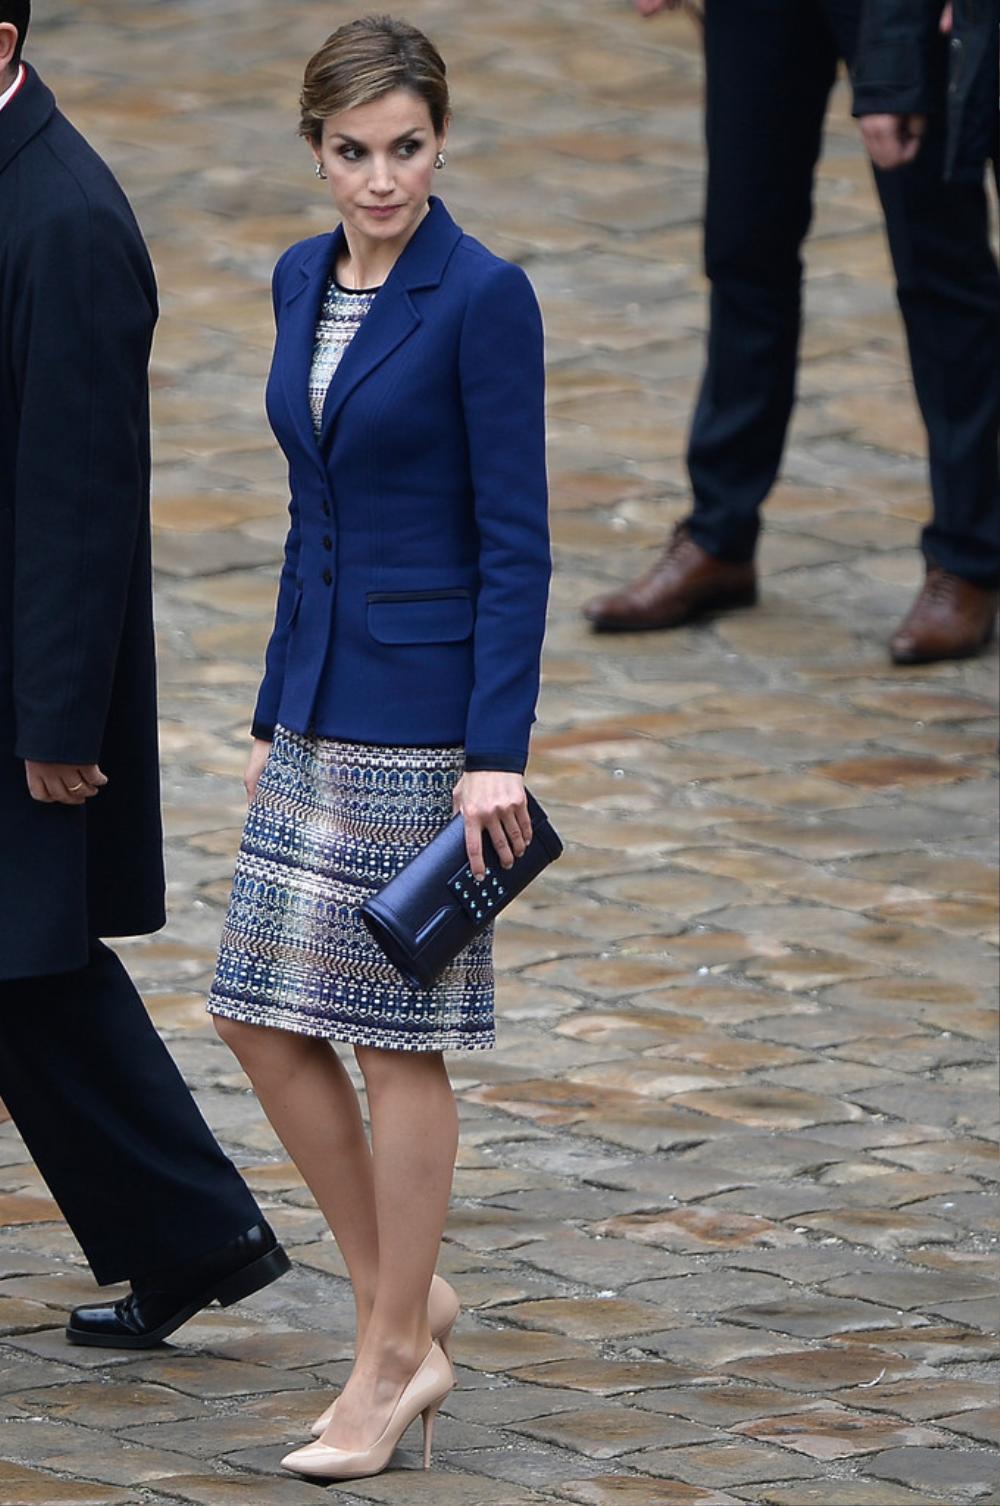 Bí ẩn tủ đồ Hoàng gia: 15 lần phụ nữ Hoàng gia khéo léo sửa lại quần áo cũ để tái sử dụng Ảnh 11